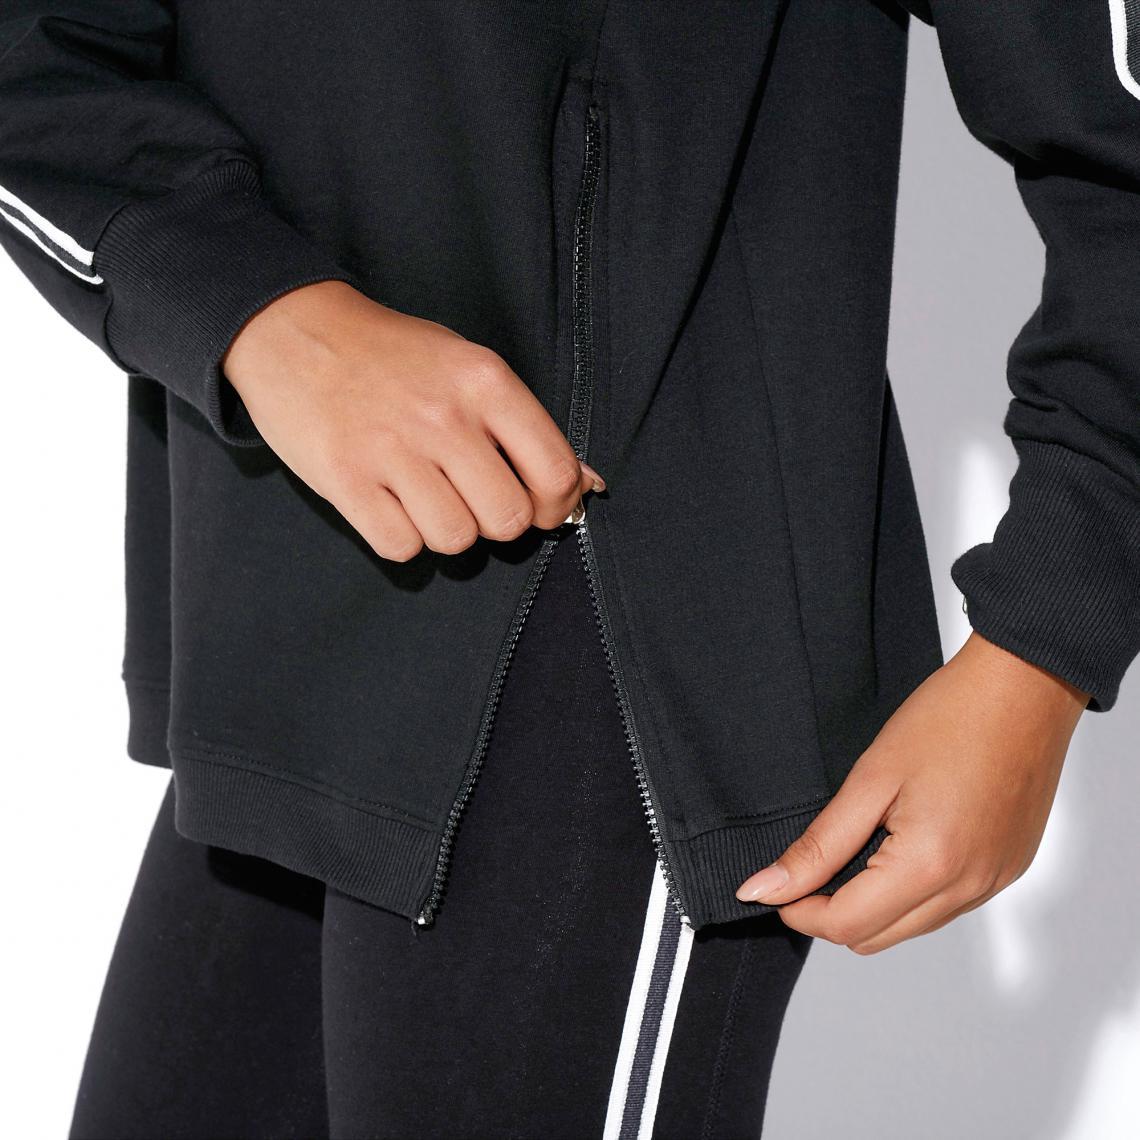 e98fdb44b7f Sweats de sport femme 3 SUISSES Cliquez l image pour l agrandir. Sweat  fitness manches longues zips devant femme - Noir ...